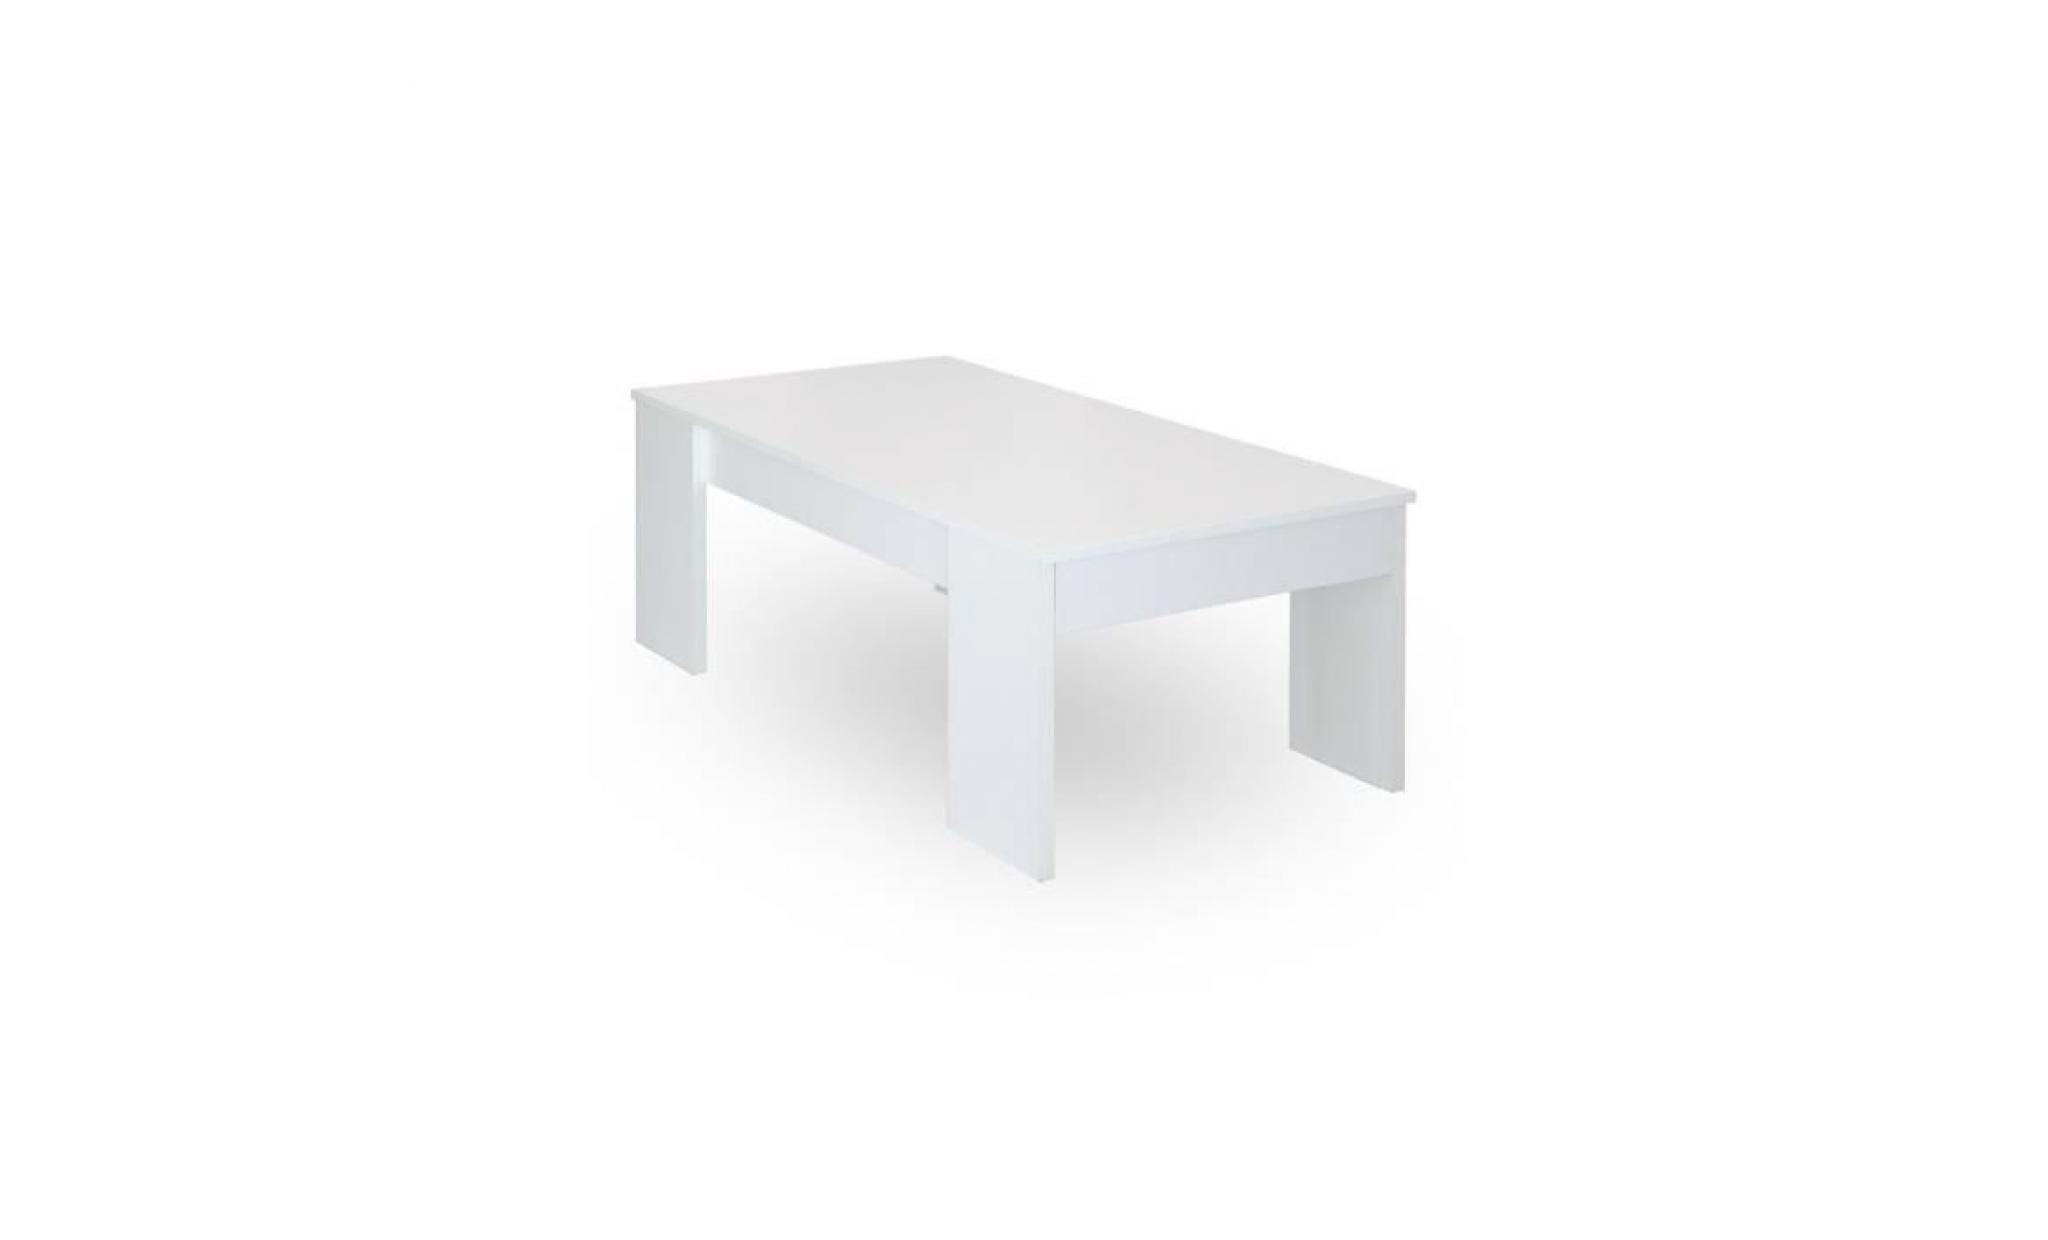 table basse blanche l120 x l60 cm plateau relevable avec rangement gotham achat vente table basse pas cher couleur et design fr